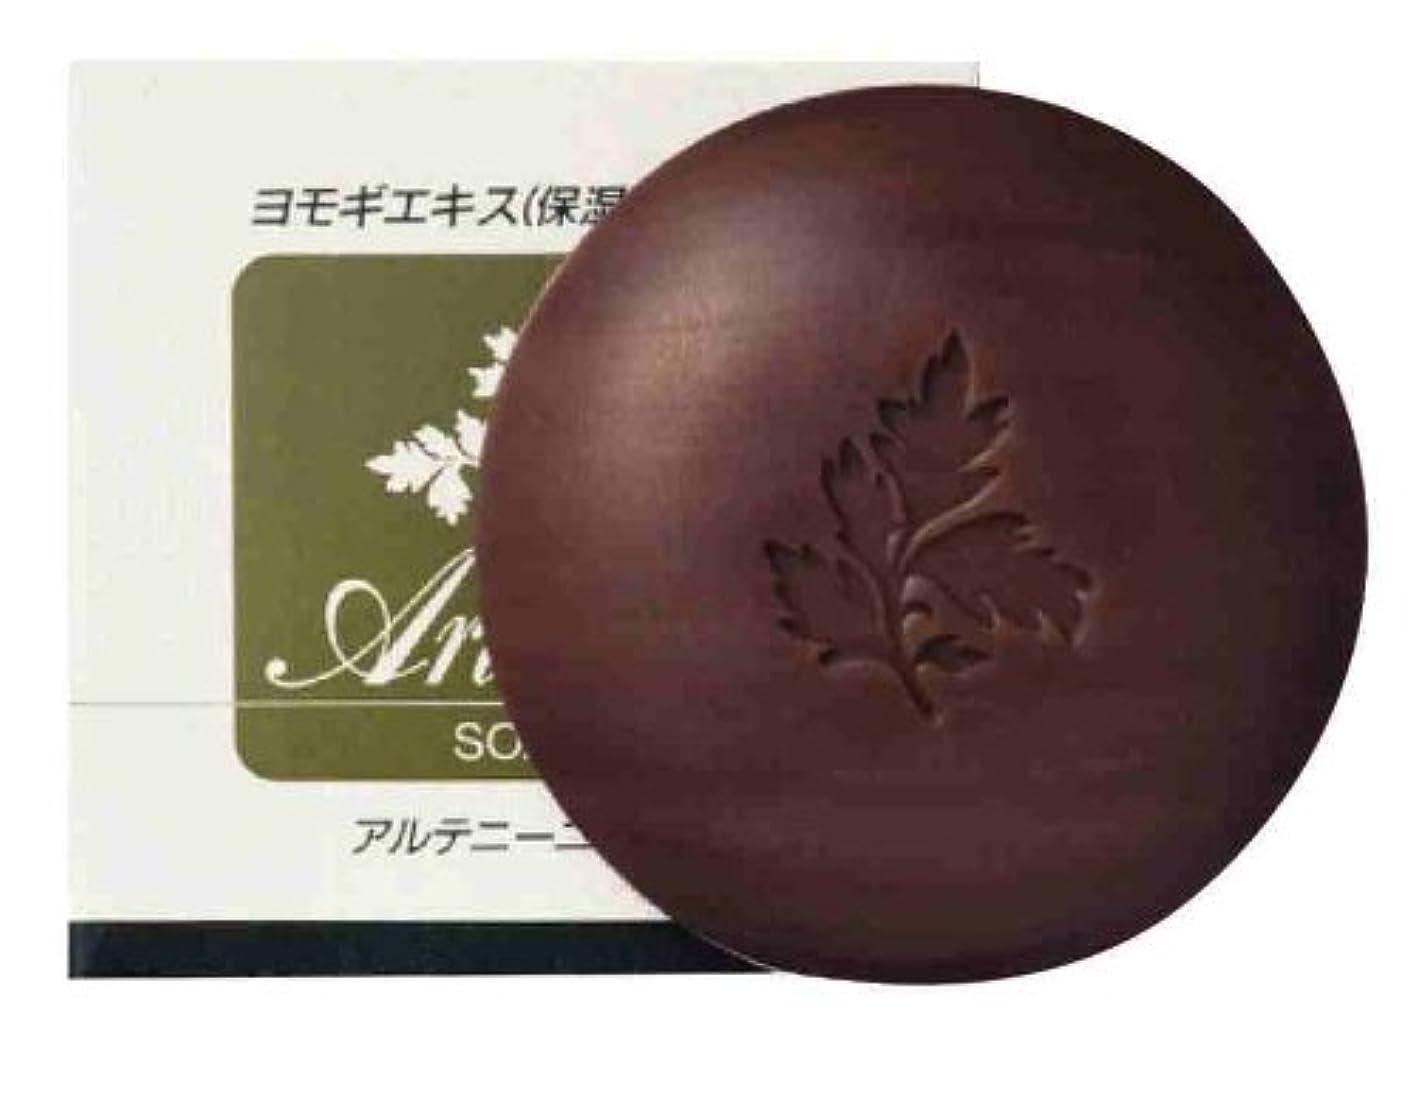 愛撫にマーカーアルテニーニ石鹸(ヨモギエキス配合)80g